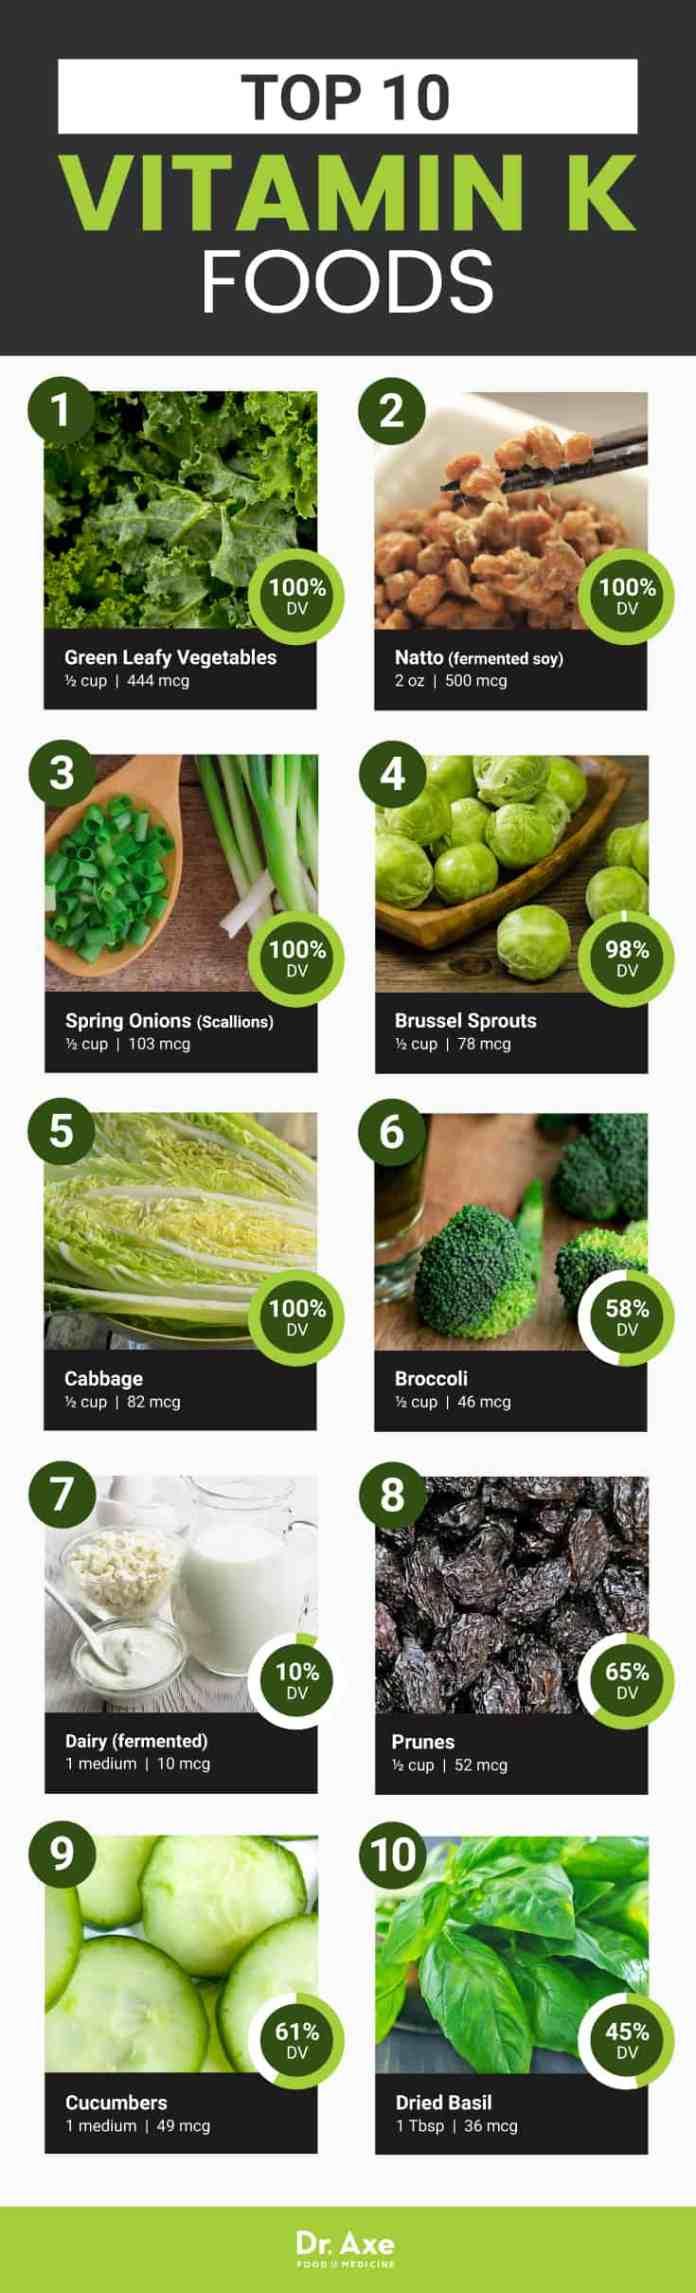 Top 10 vitamin K foods - Dr. Axe